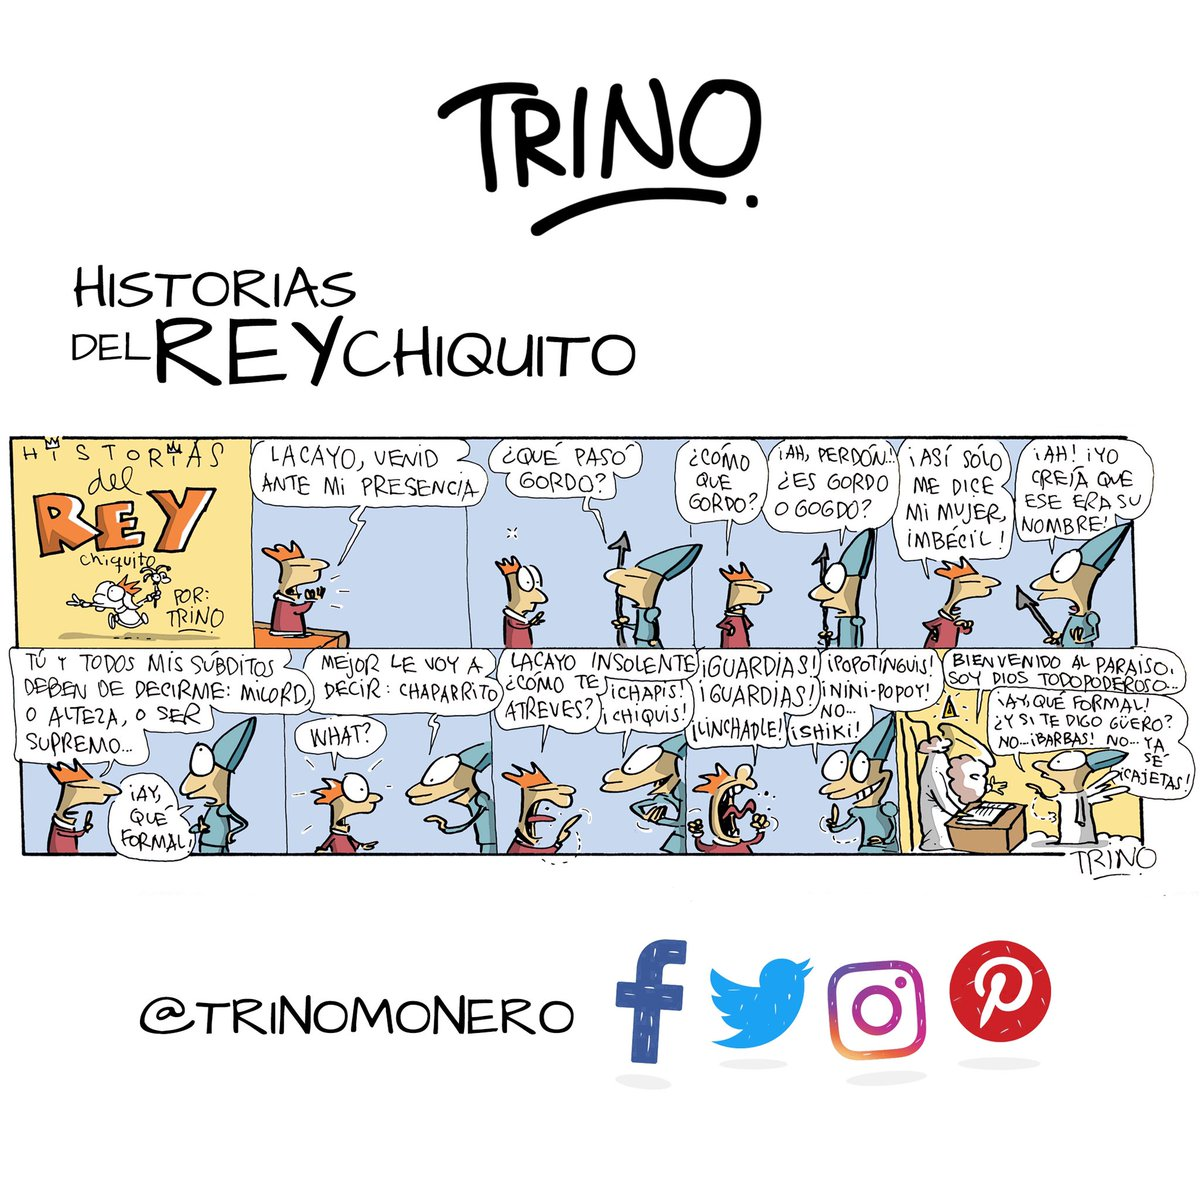 Miércoles imperial del Rey chaparrito, digo, del Rey gordito, no... del Rey ñenguito... ustedes pasen a verlo, es gratis #trinomonero https://t.co/rGXXjoRoEk